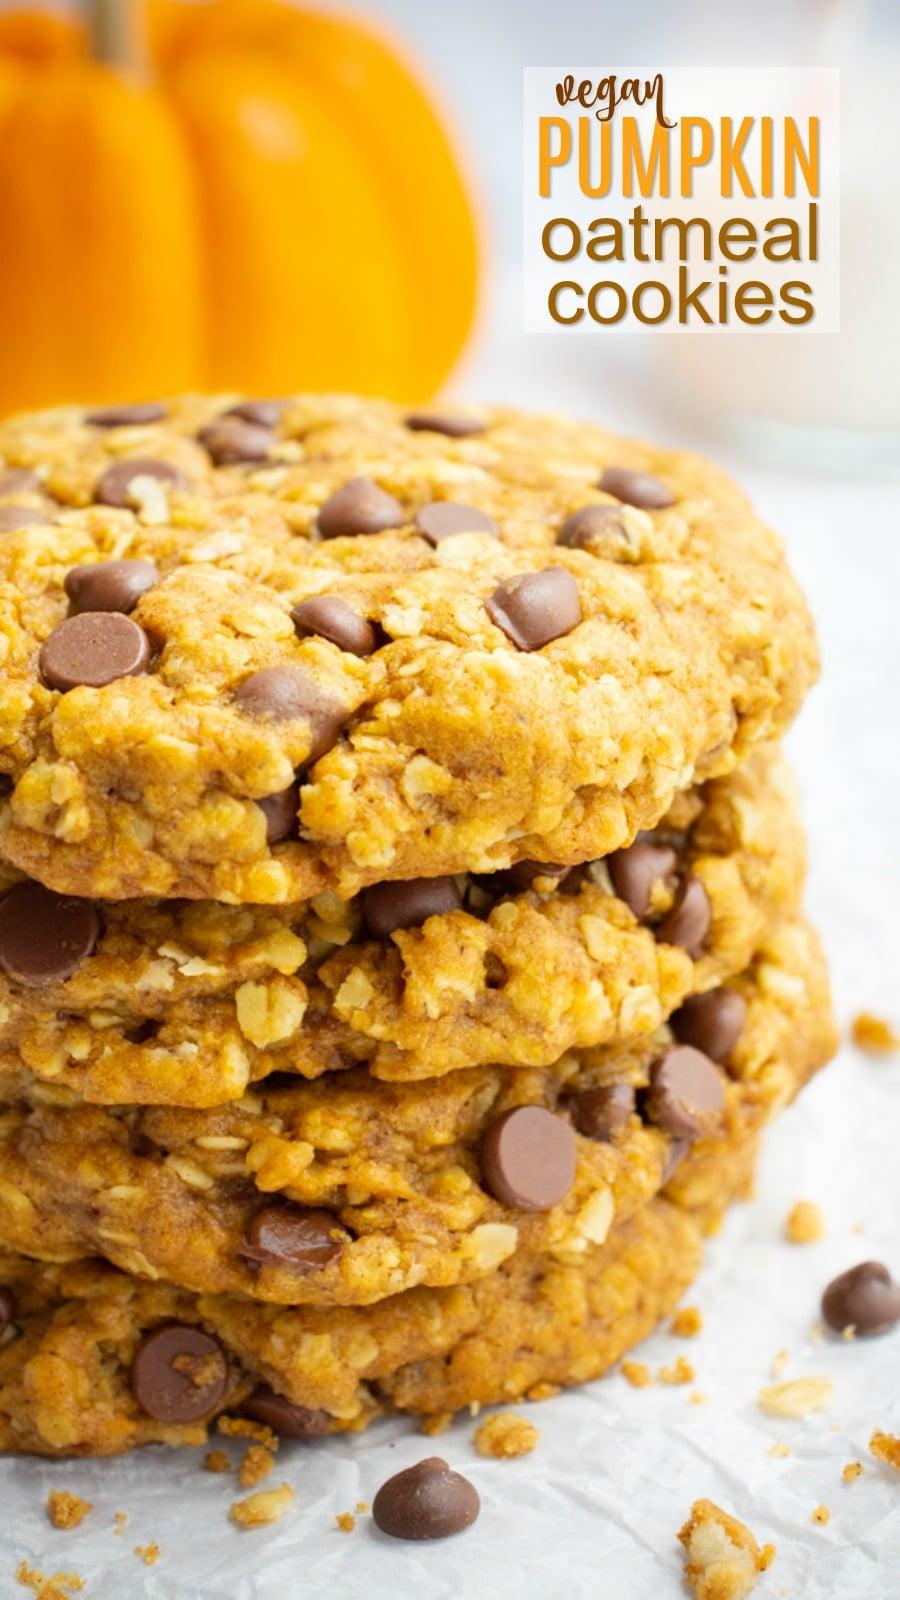 Vegan pumpkin oatmeal cookies for Pinterest.